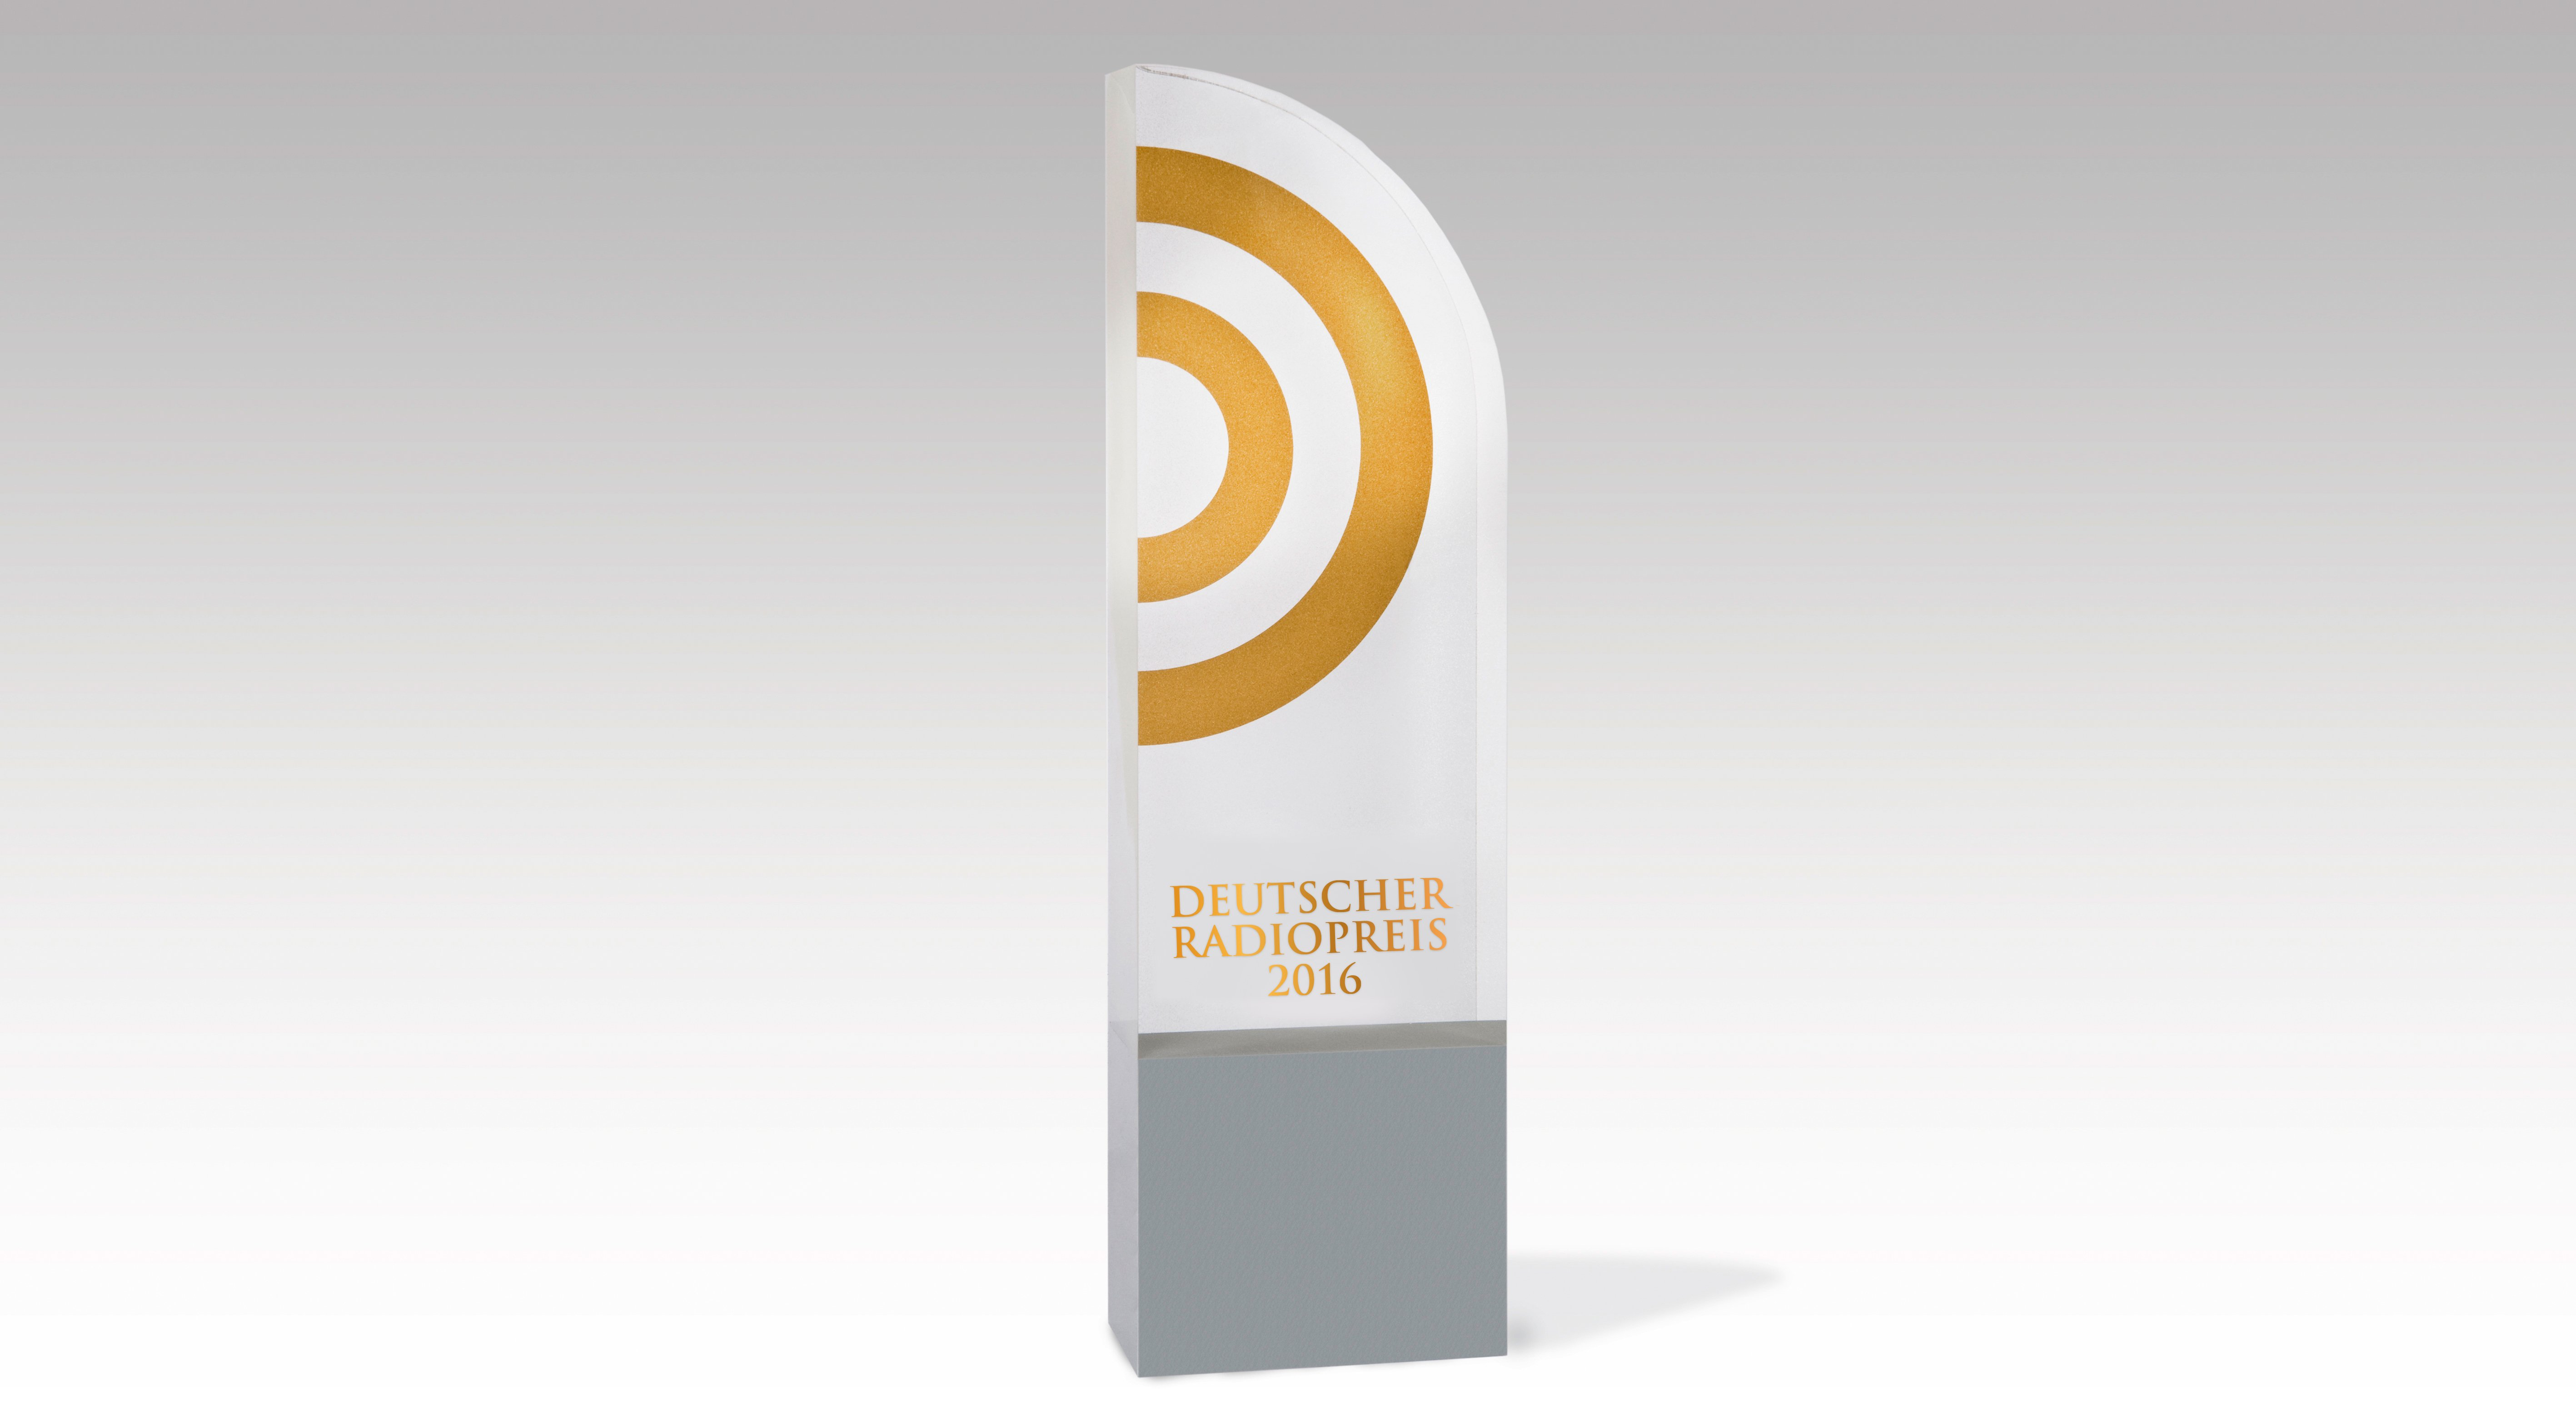 """NORDDEUTSCHER RUNDFUNK - DEUTSCHER RADIOPREIS 2013 - Der Award. NDR/Gita Mundry, honorarfrei - Verwendung gem der AGB im Rahmen einer engen, unternehmensbezogenen Berichterstattung im NDR-Zusammenhang bei Nennung """"Bild: NDR/Gita Mundry"""" (S2), NDR Presse und Information/Fotoredaktion, Tel: 040/4156-2306 oder -2305, pressefoto@ndr.de"""